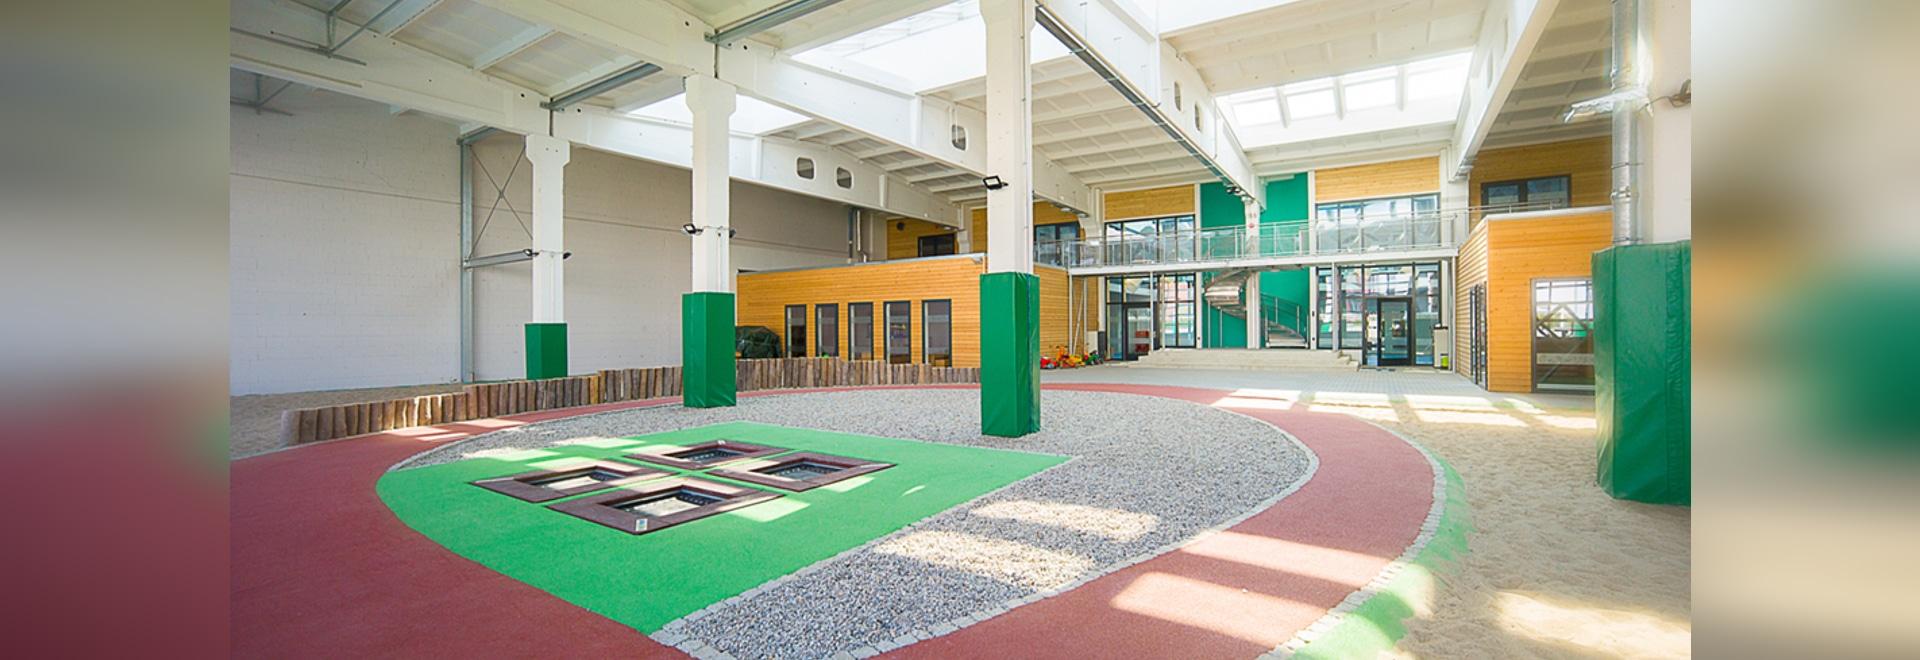 """REGUPOL Fallschutzböden in der der Kindertagesstätte """"In der Kammgarnspinnerei"""""""